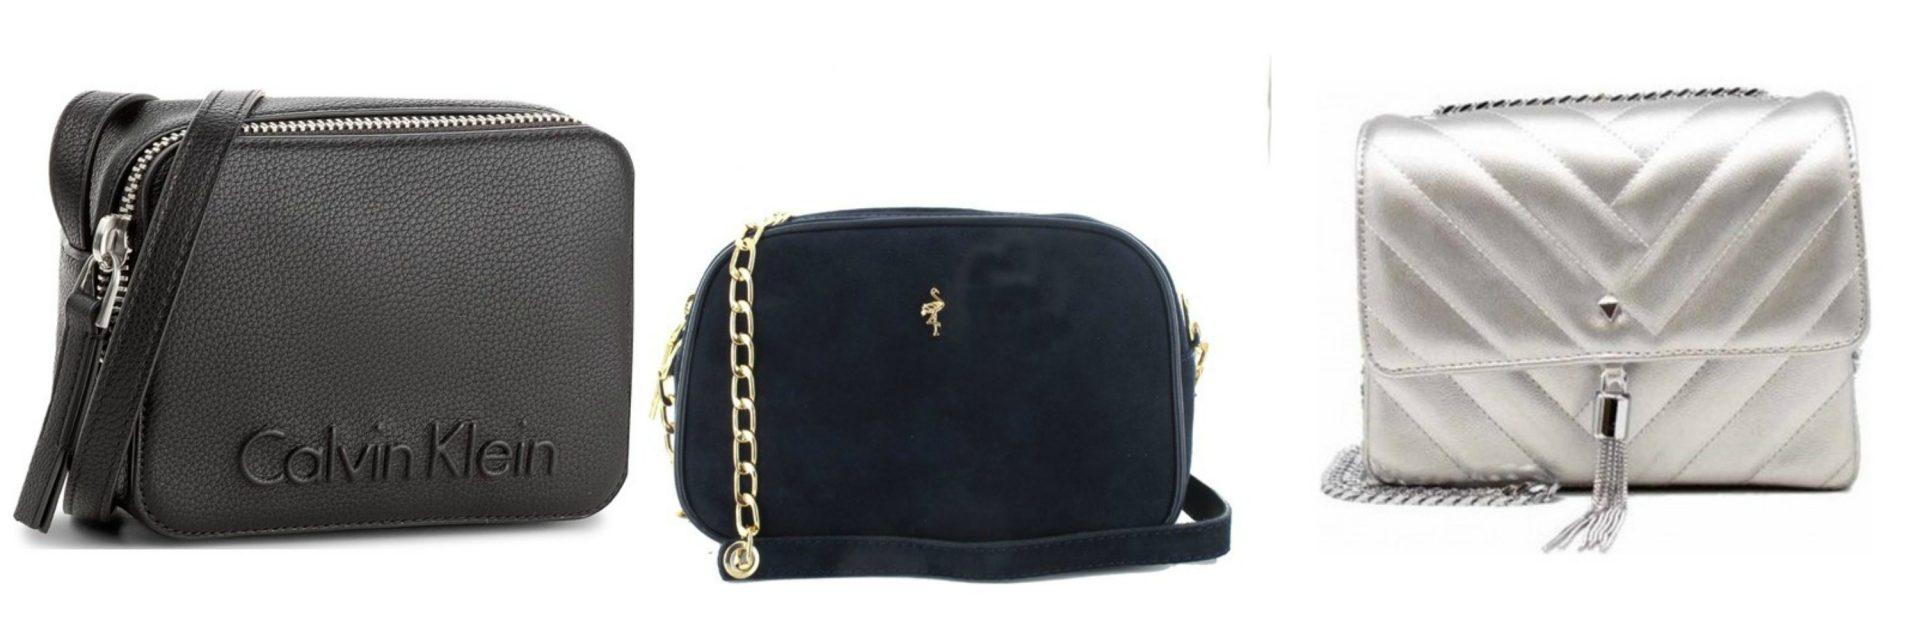 4a139db5a211c Jaka torebka do sportowego stylu  4 modne torebki pasujące do ...